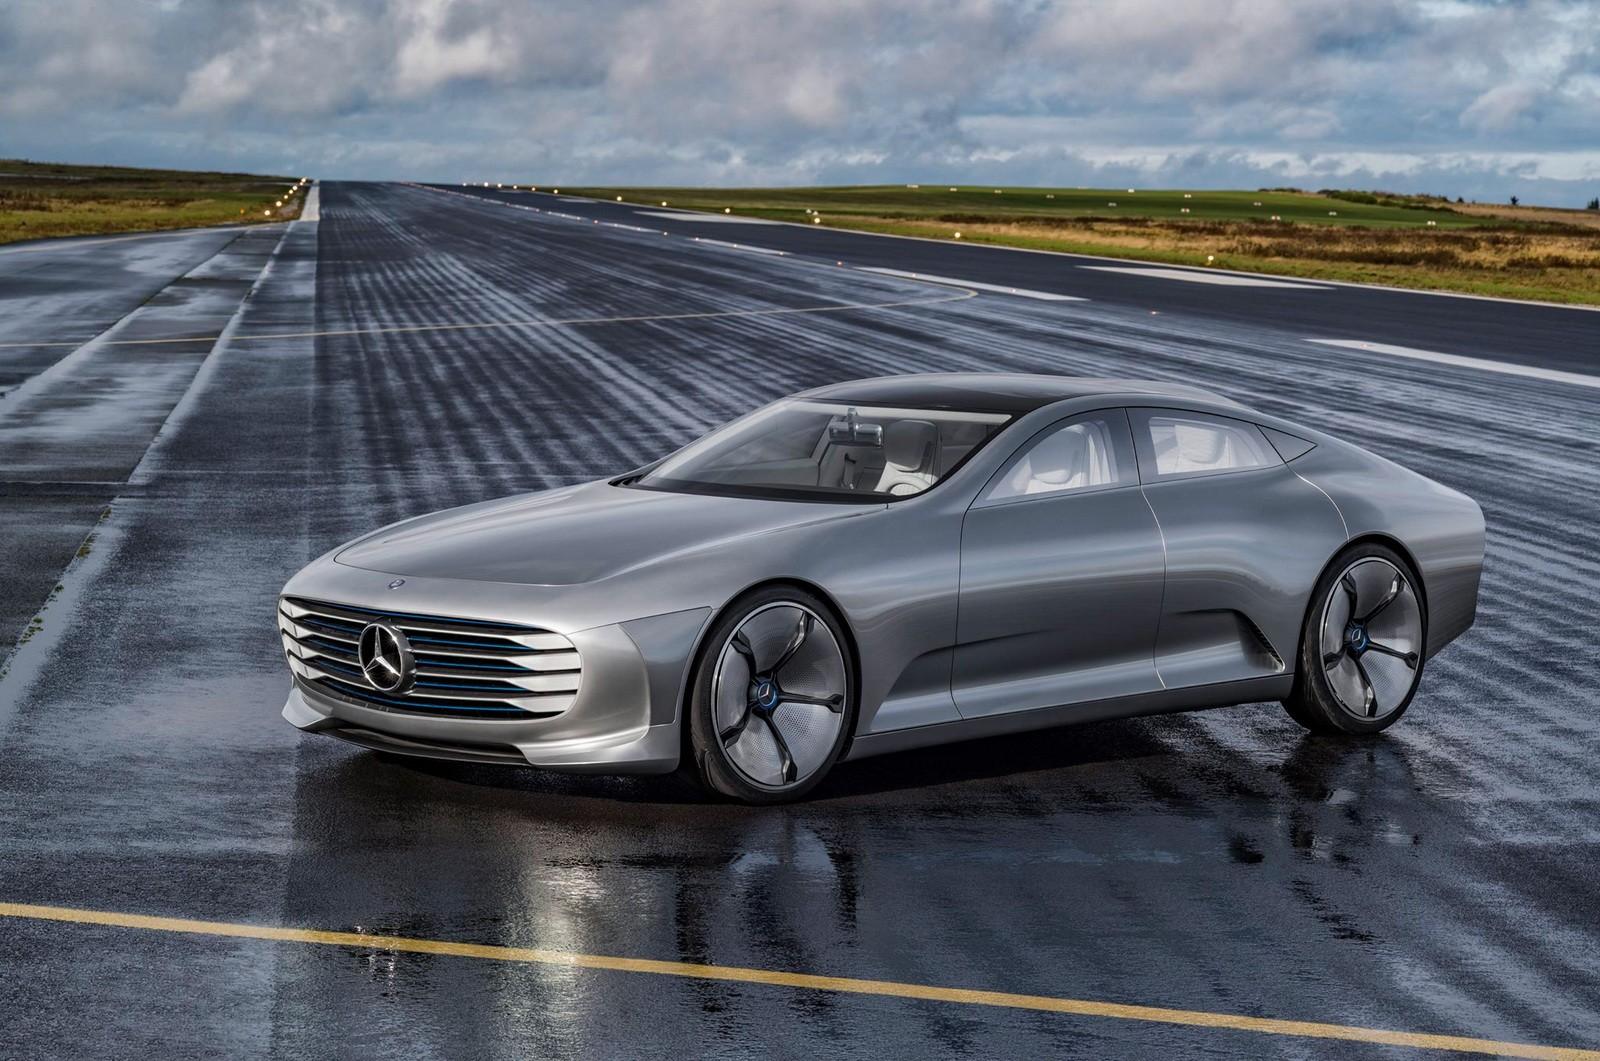 Mẫu xe concept mới của Mercedes sẽ có tích hợp công nghệ tân tiến đến mức nó gần như không thể đâm